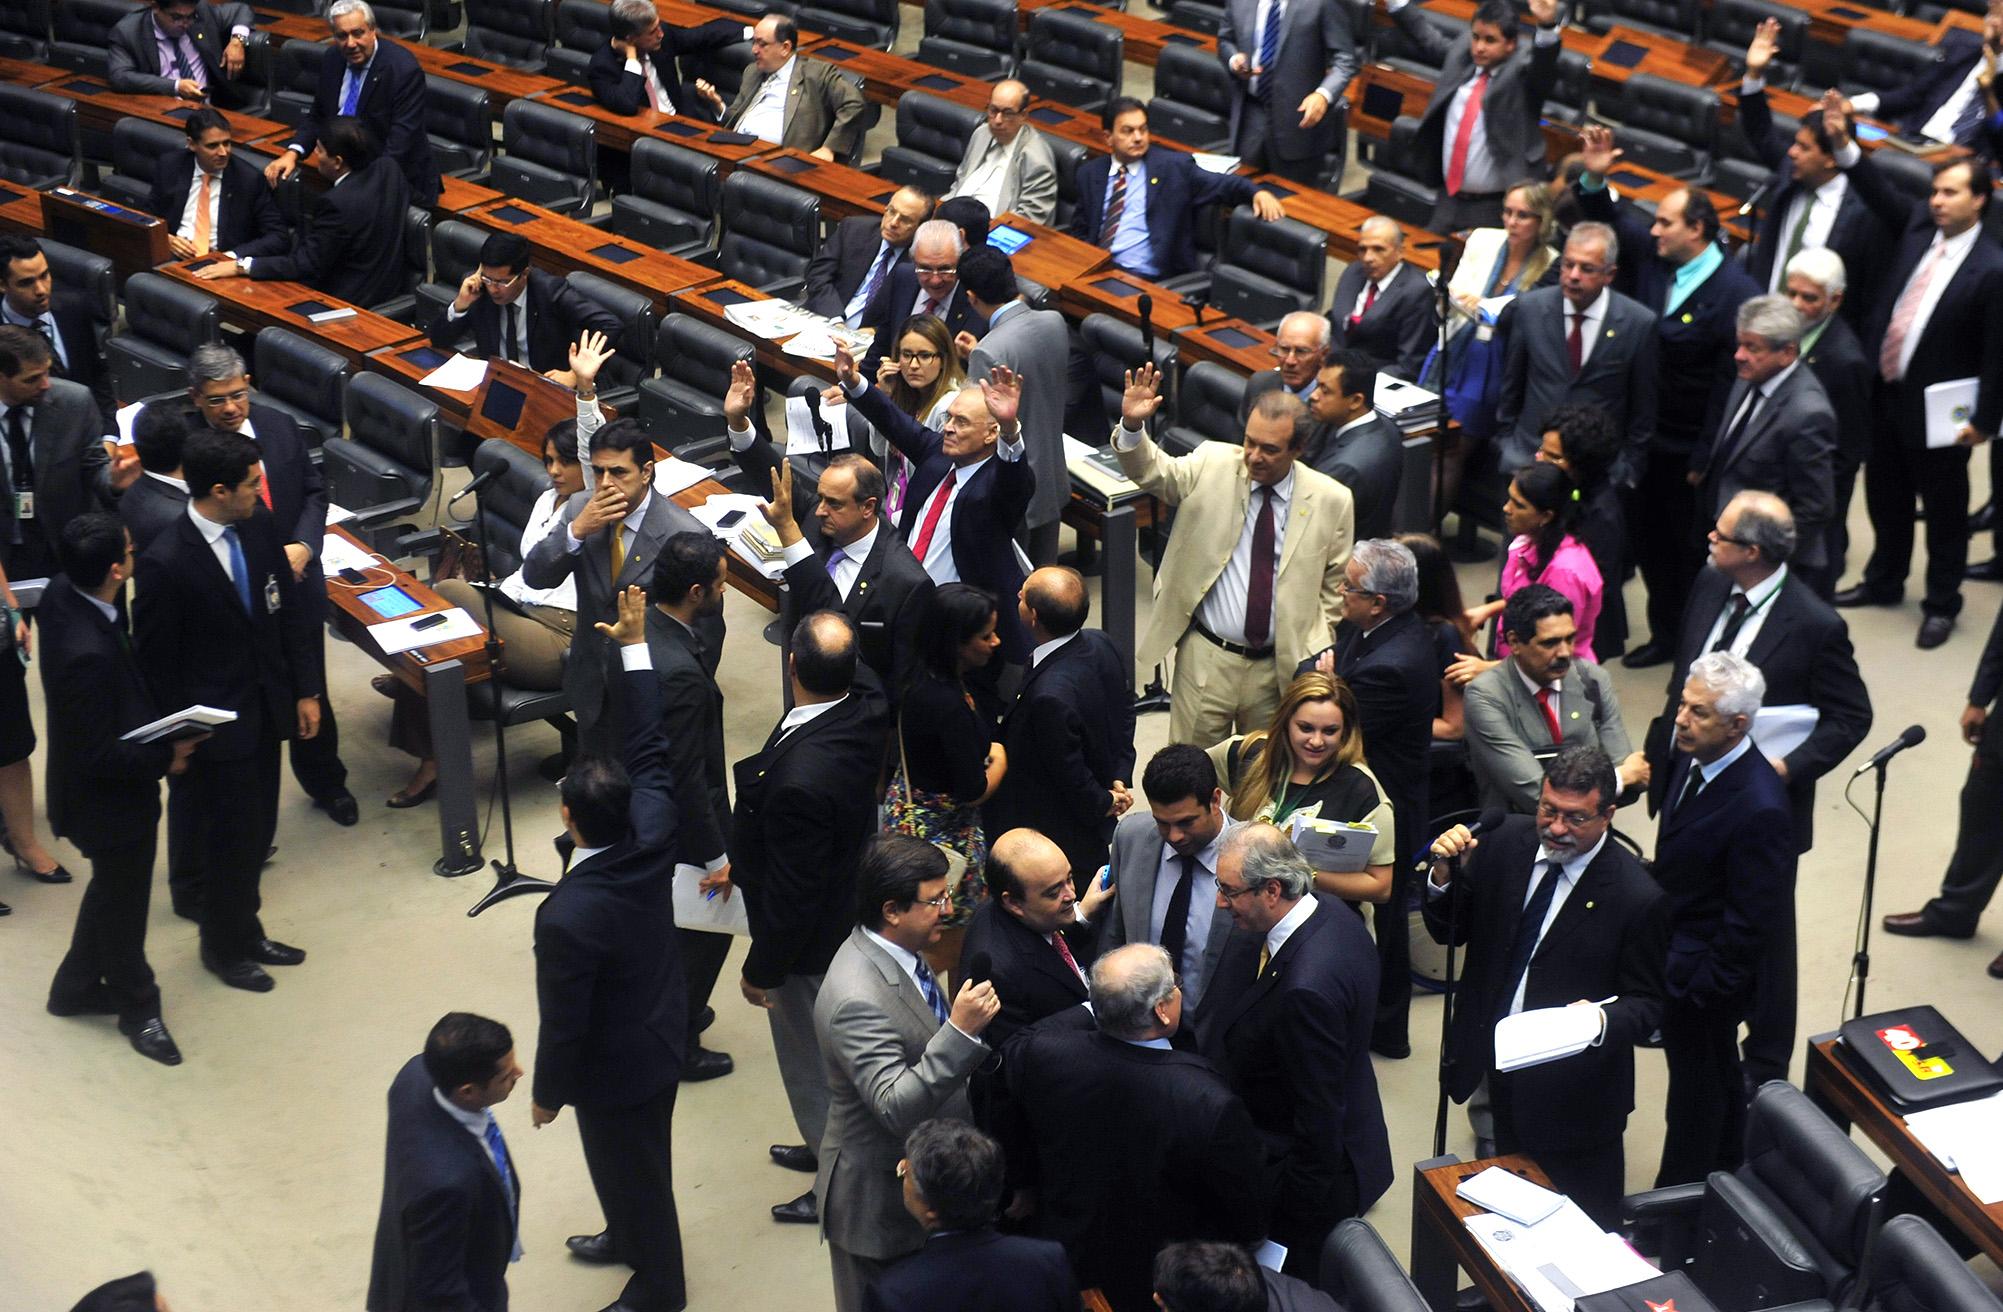 Plenário da Câmara aprovou MP, que agora precisa passar pelo Senado e ser sancionada pela presidência